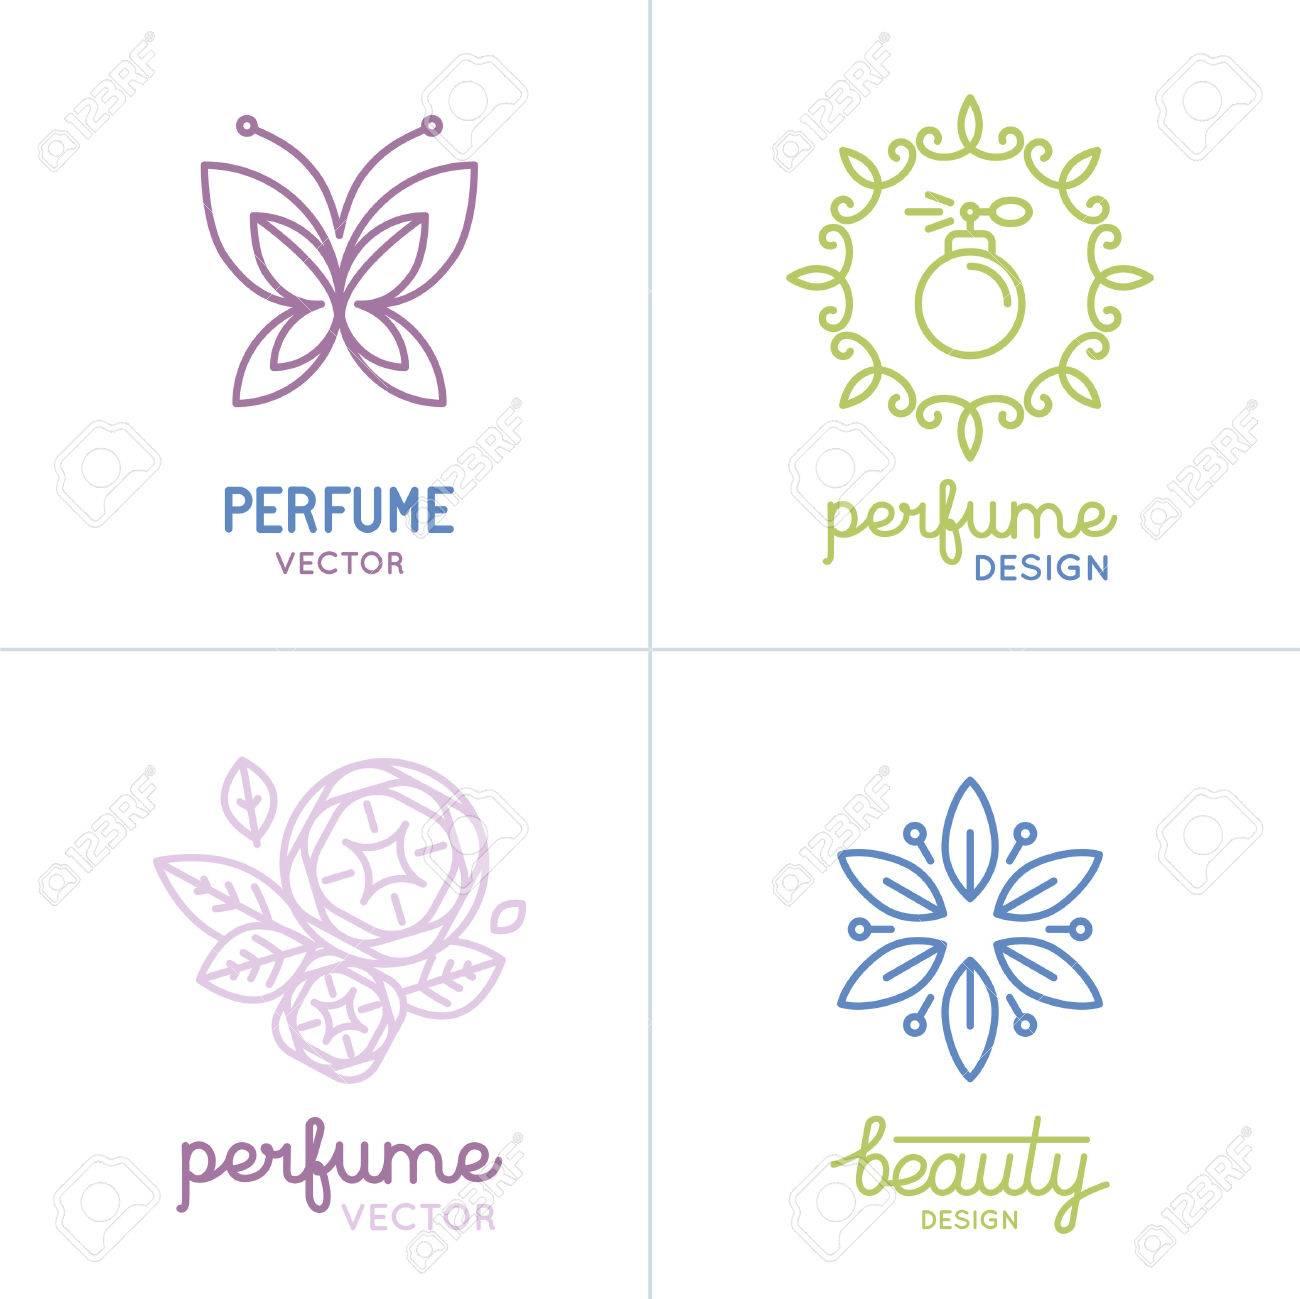 a60f0ce6826 Banque d images - Vector set de parfum et cosmétiques logo modèles de  conception et icônes - concepts naturels et biologiques